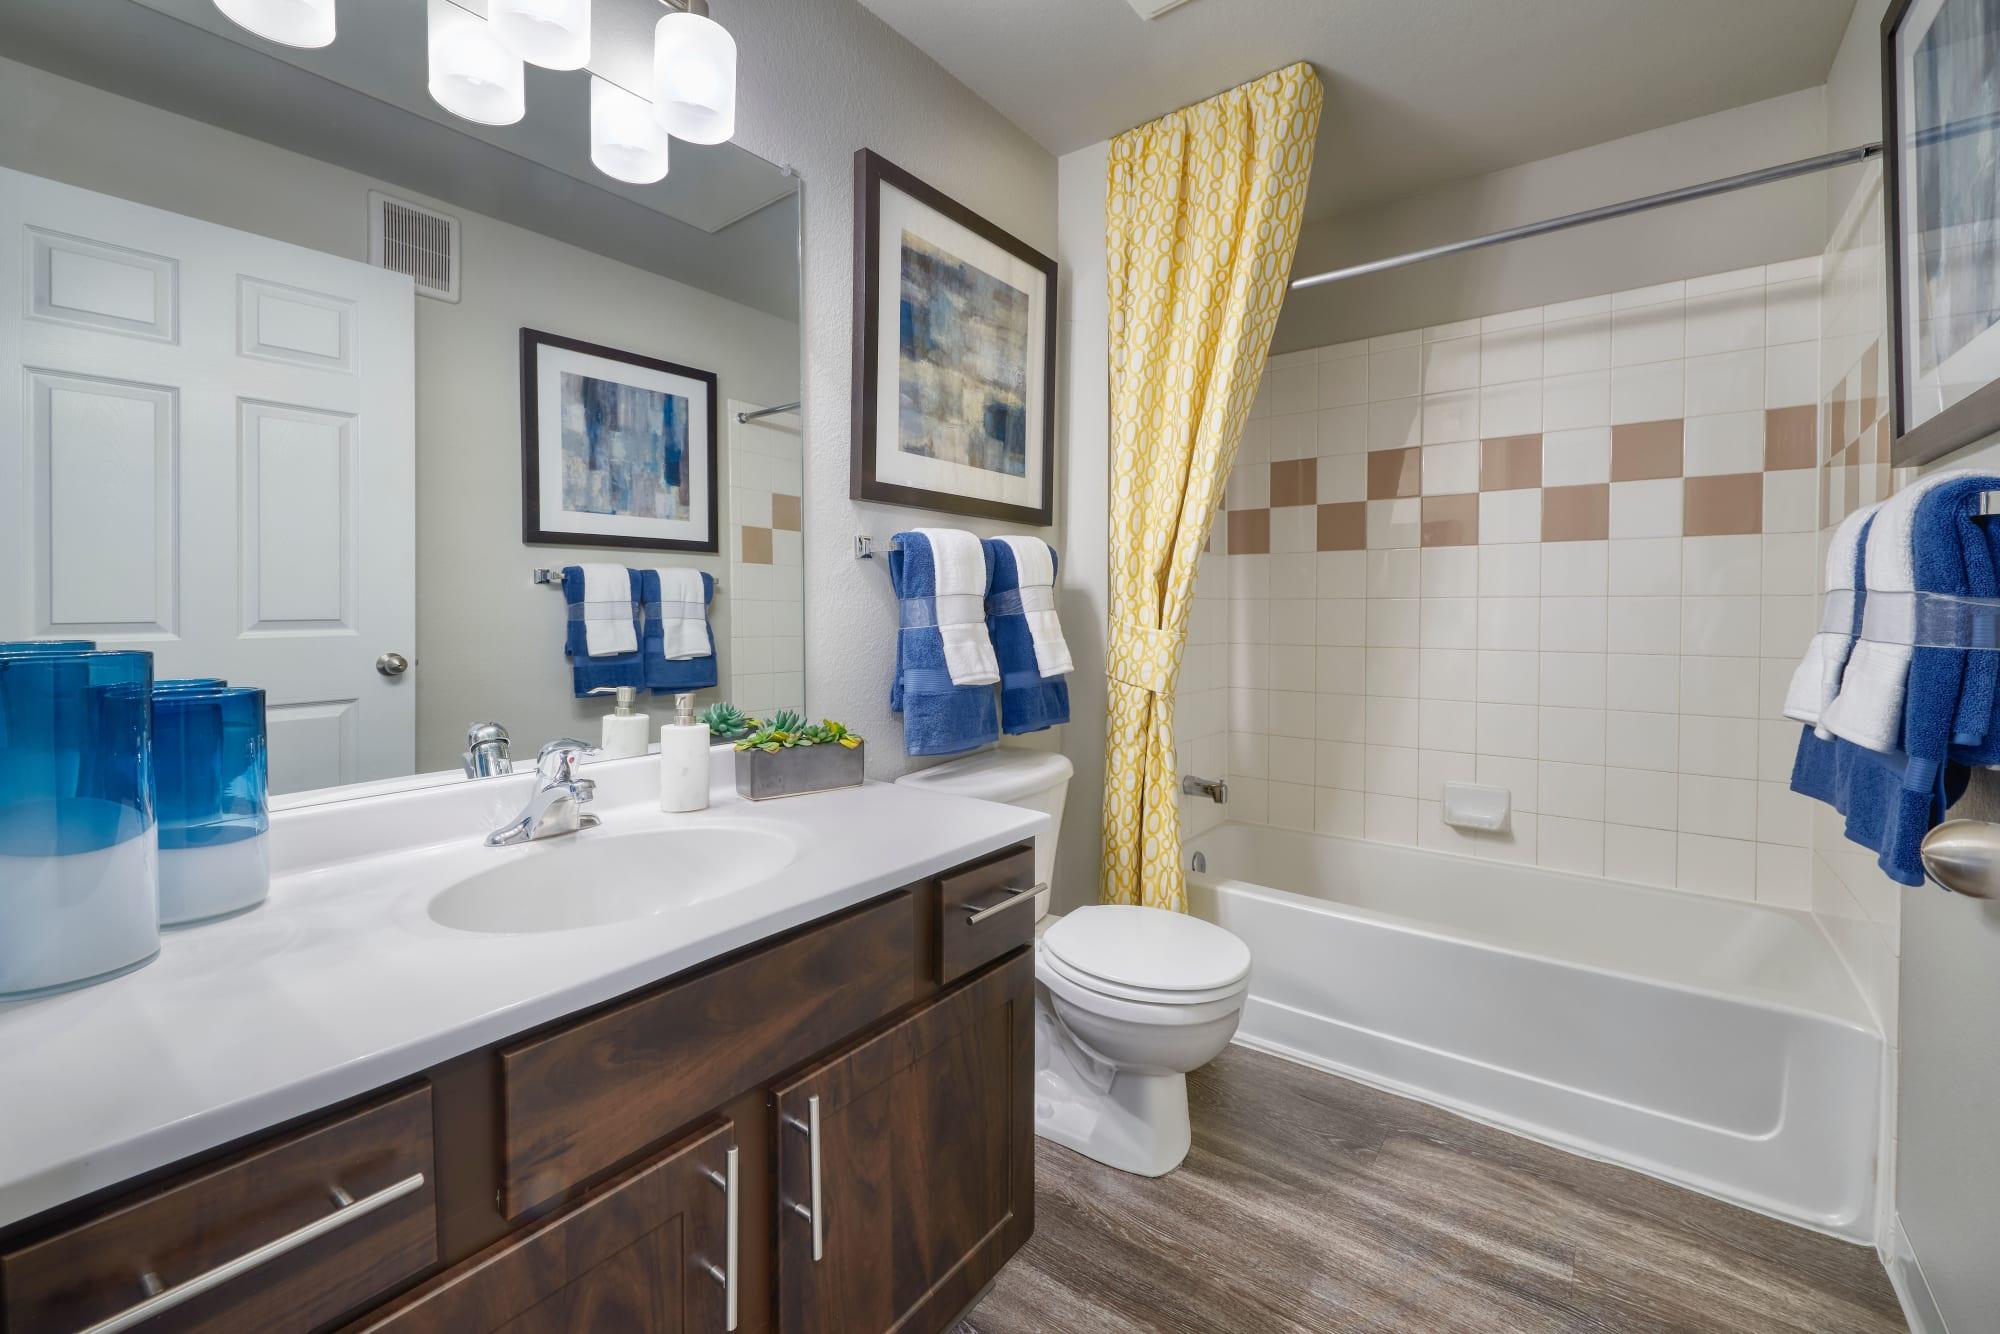 Renovated bathroom with espresso cabinetry at Bear Valley Park in Denver, Colorado